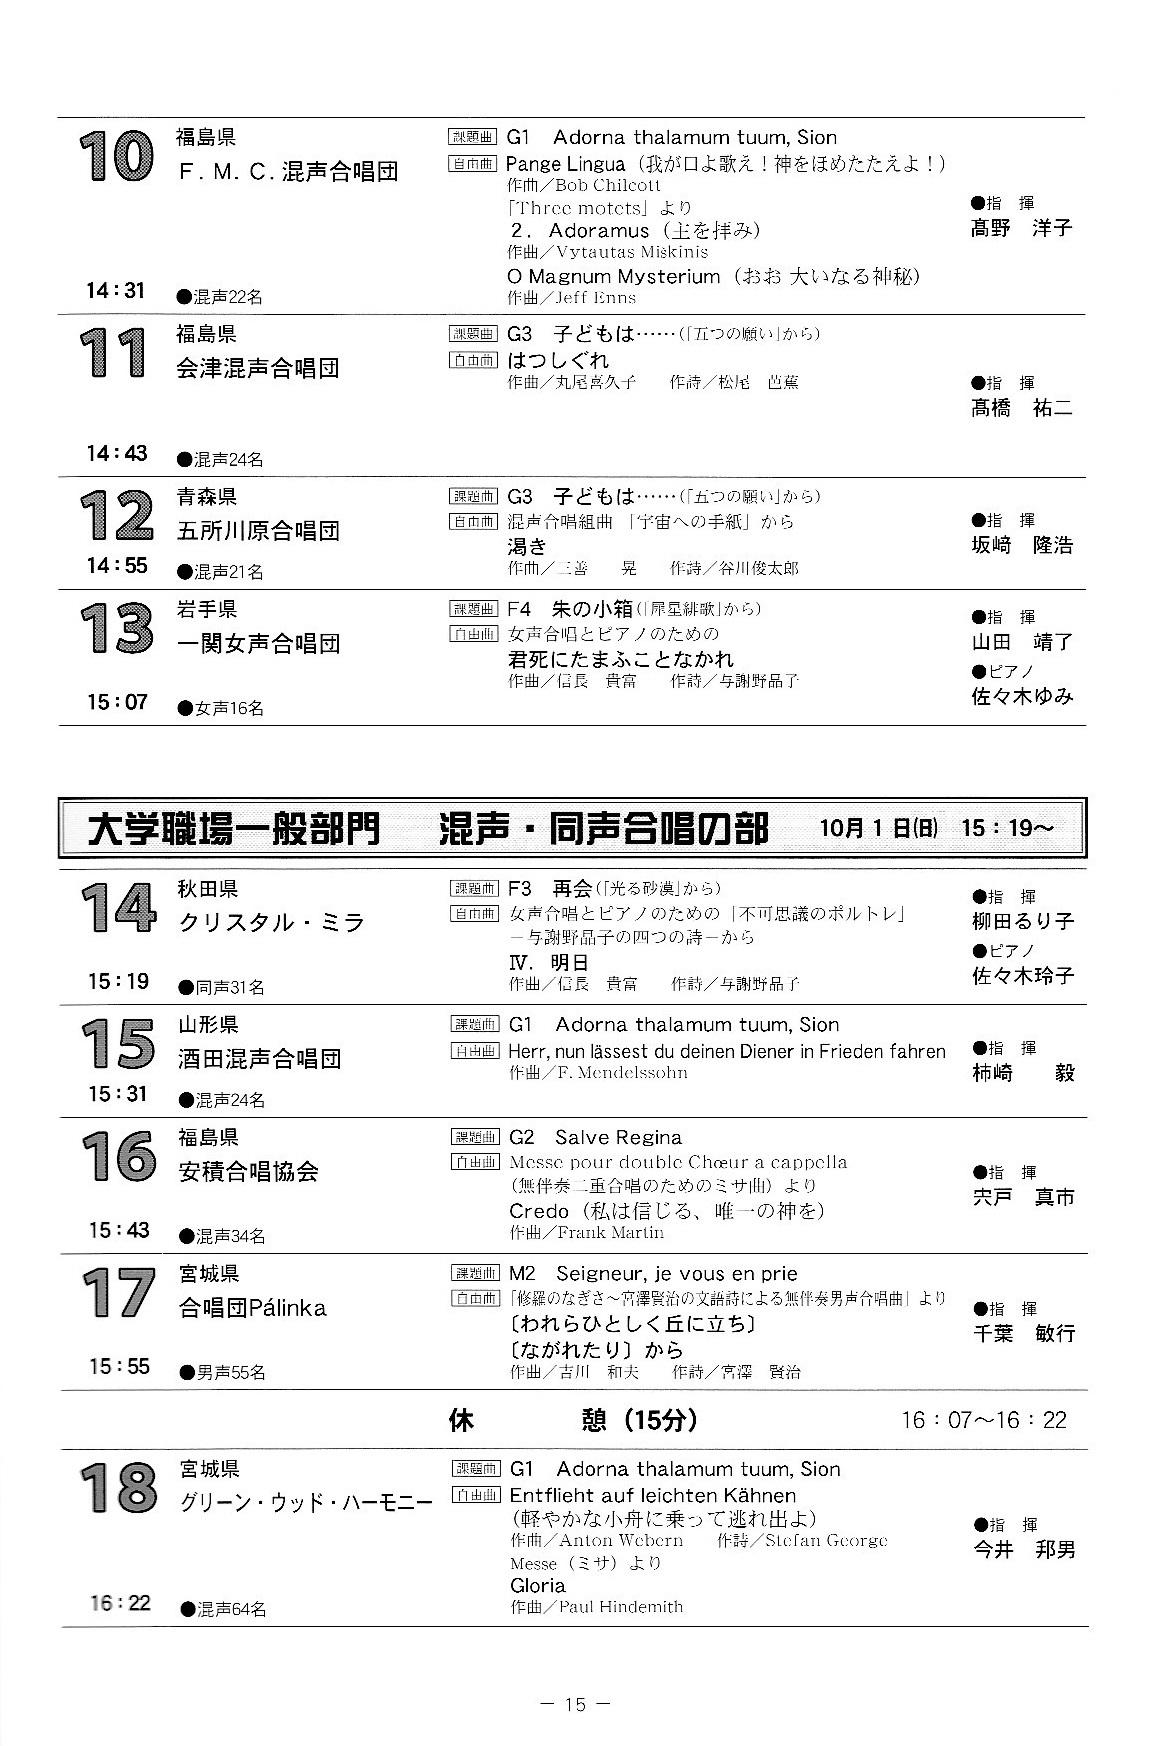 東北支部大会銀賞_c0125004_19200006.jpg